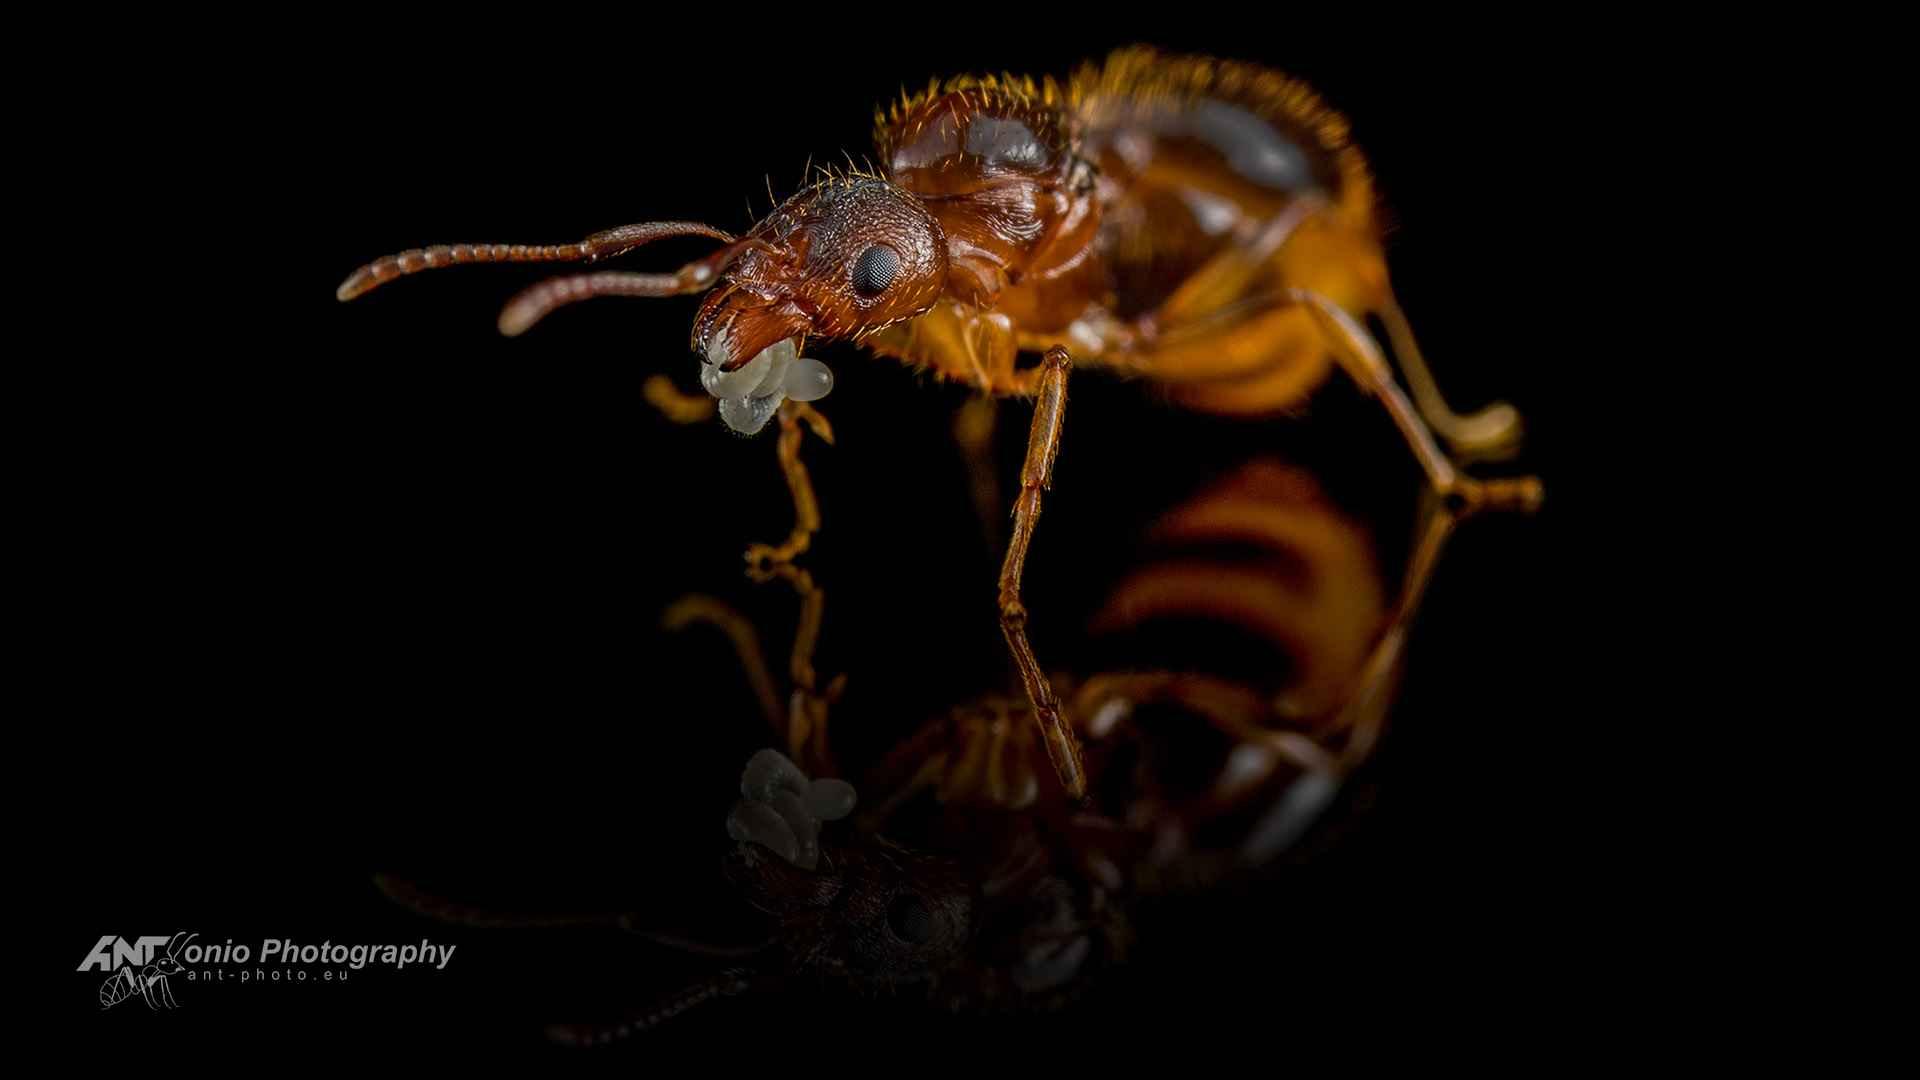 Ant Aphaenogaster subterranea queen